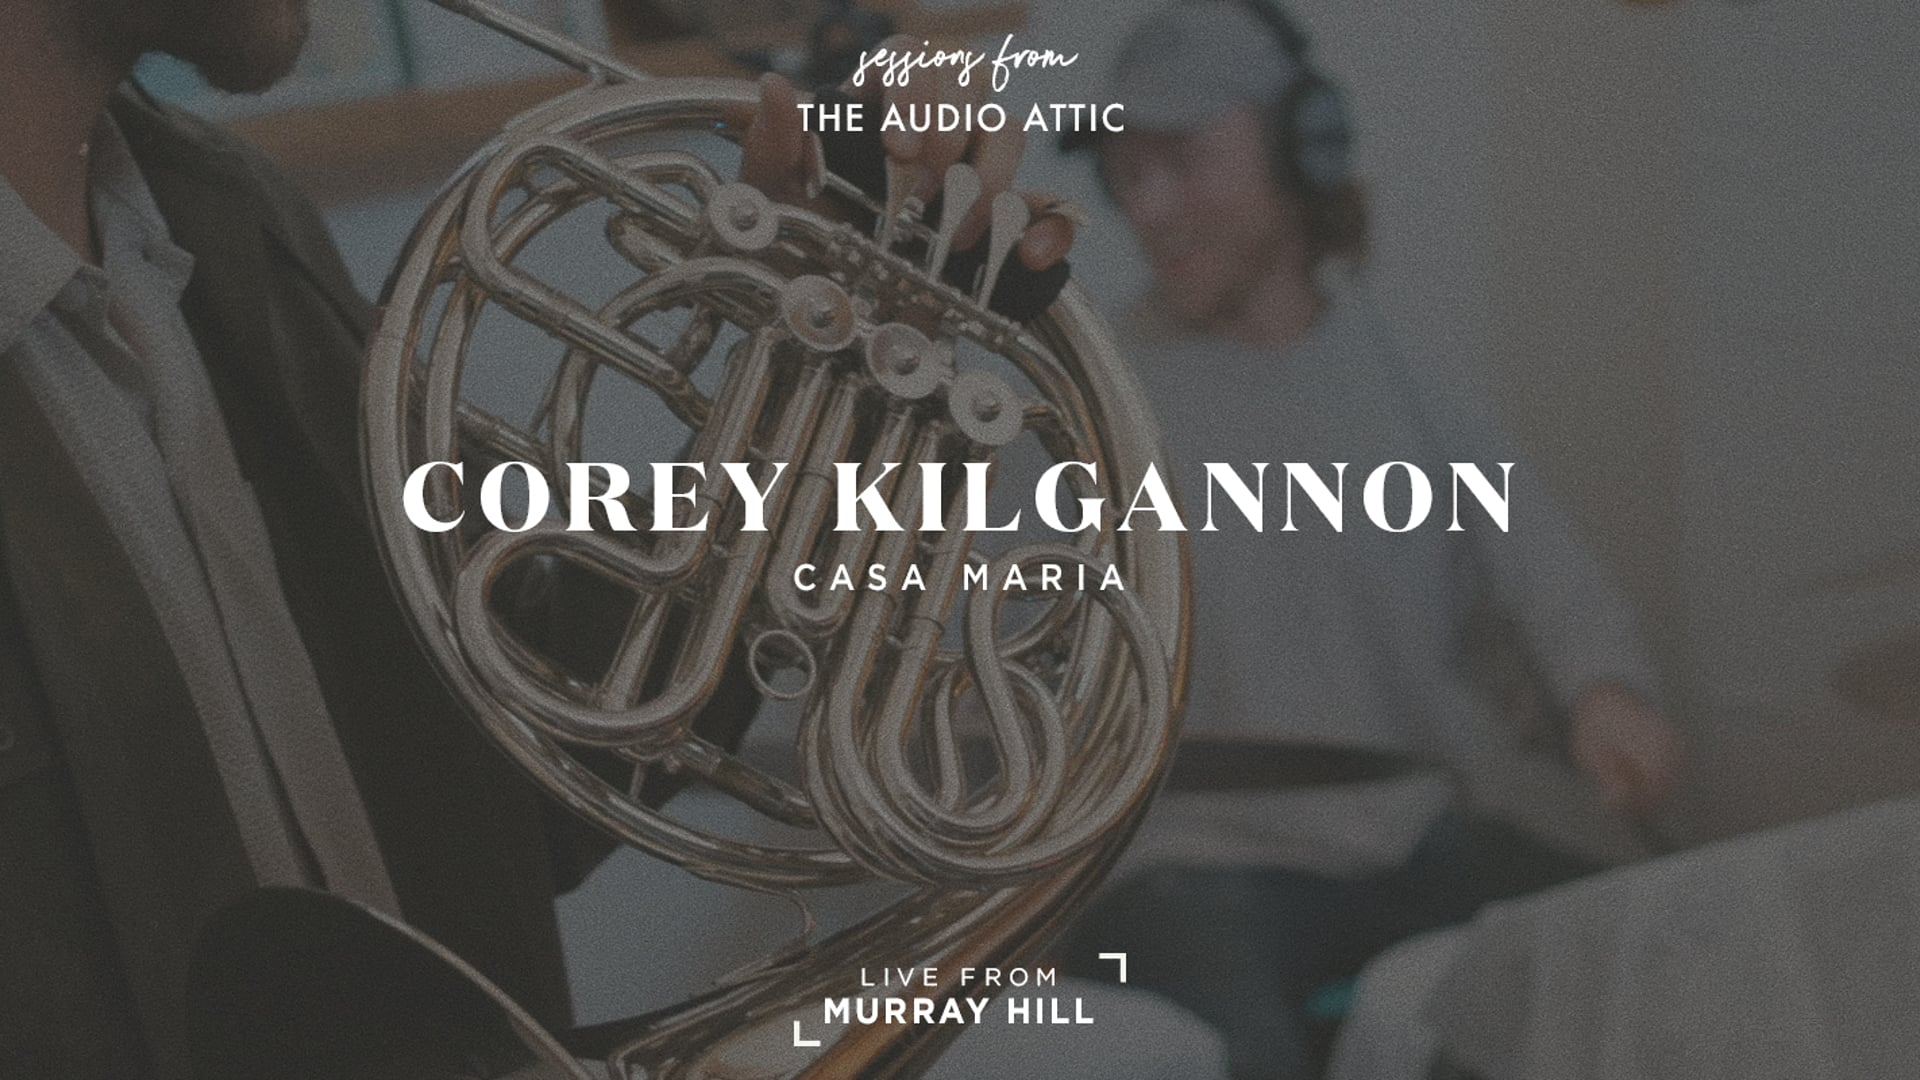 The Audio Attic Sessions - Corey Kilgannon - Casa Maria